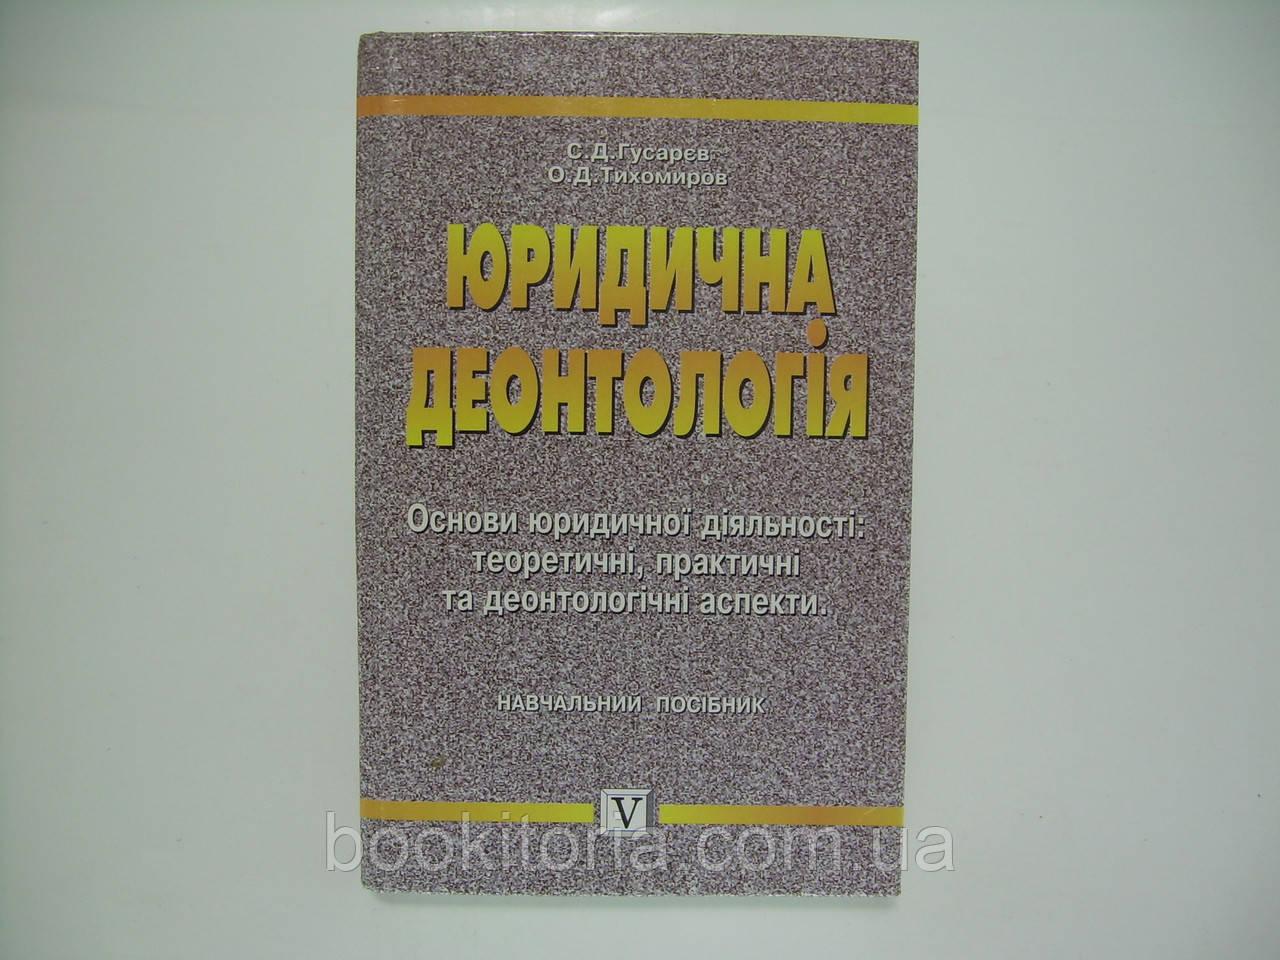 Гусарєв С.Д., Тихомиров О.Д. Юридична деонтологія (б/у).